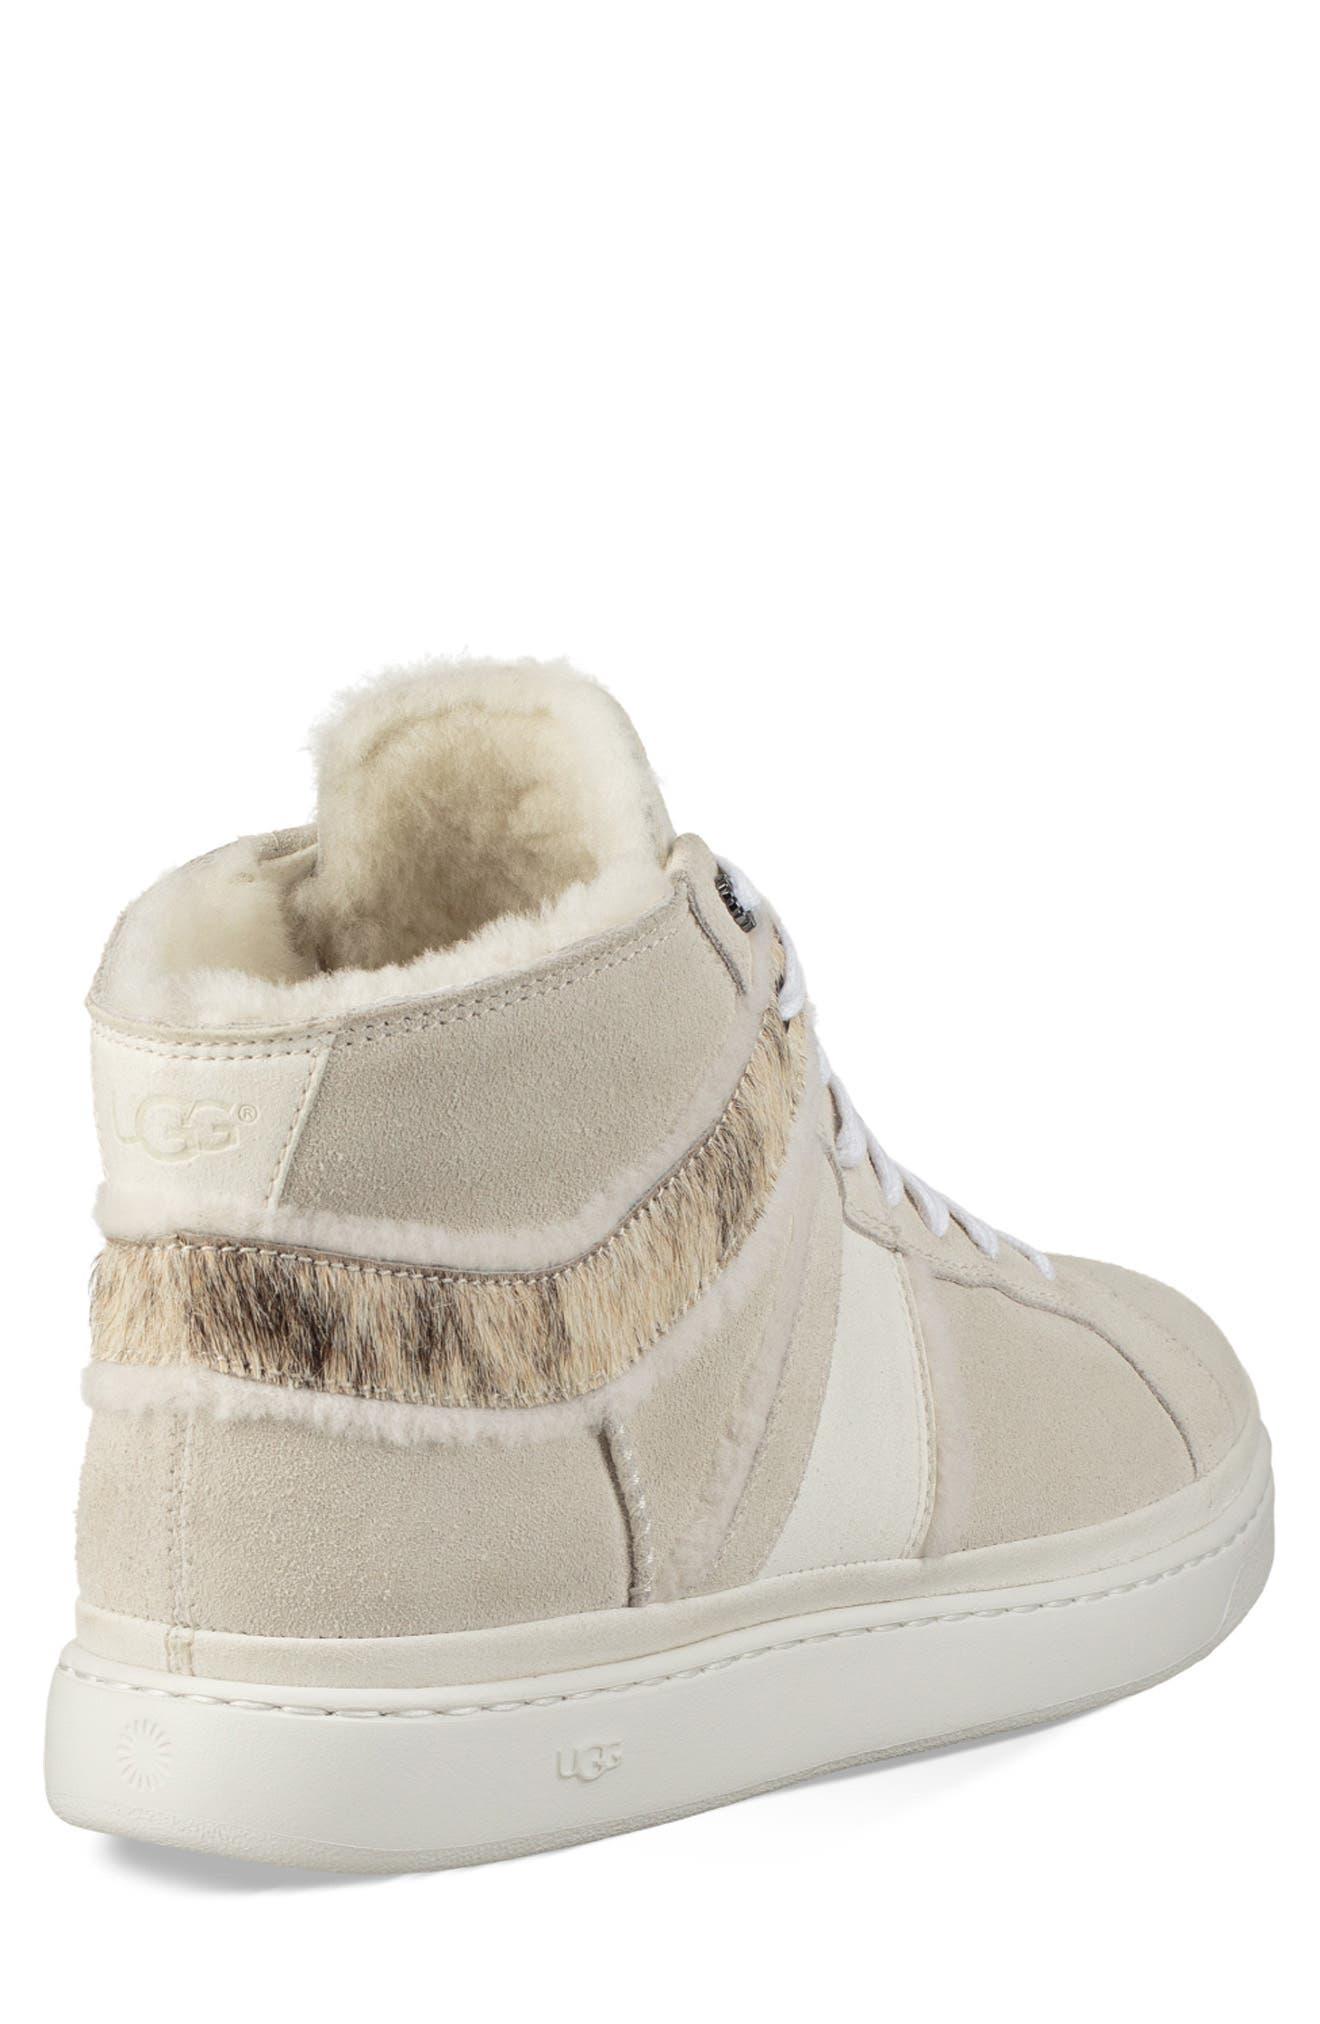 Cali High Top Sneaker,                             Alternate thumbnail 2, color,                             100